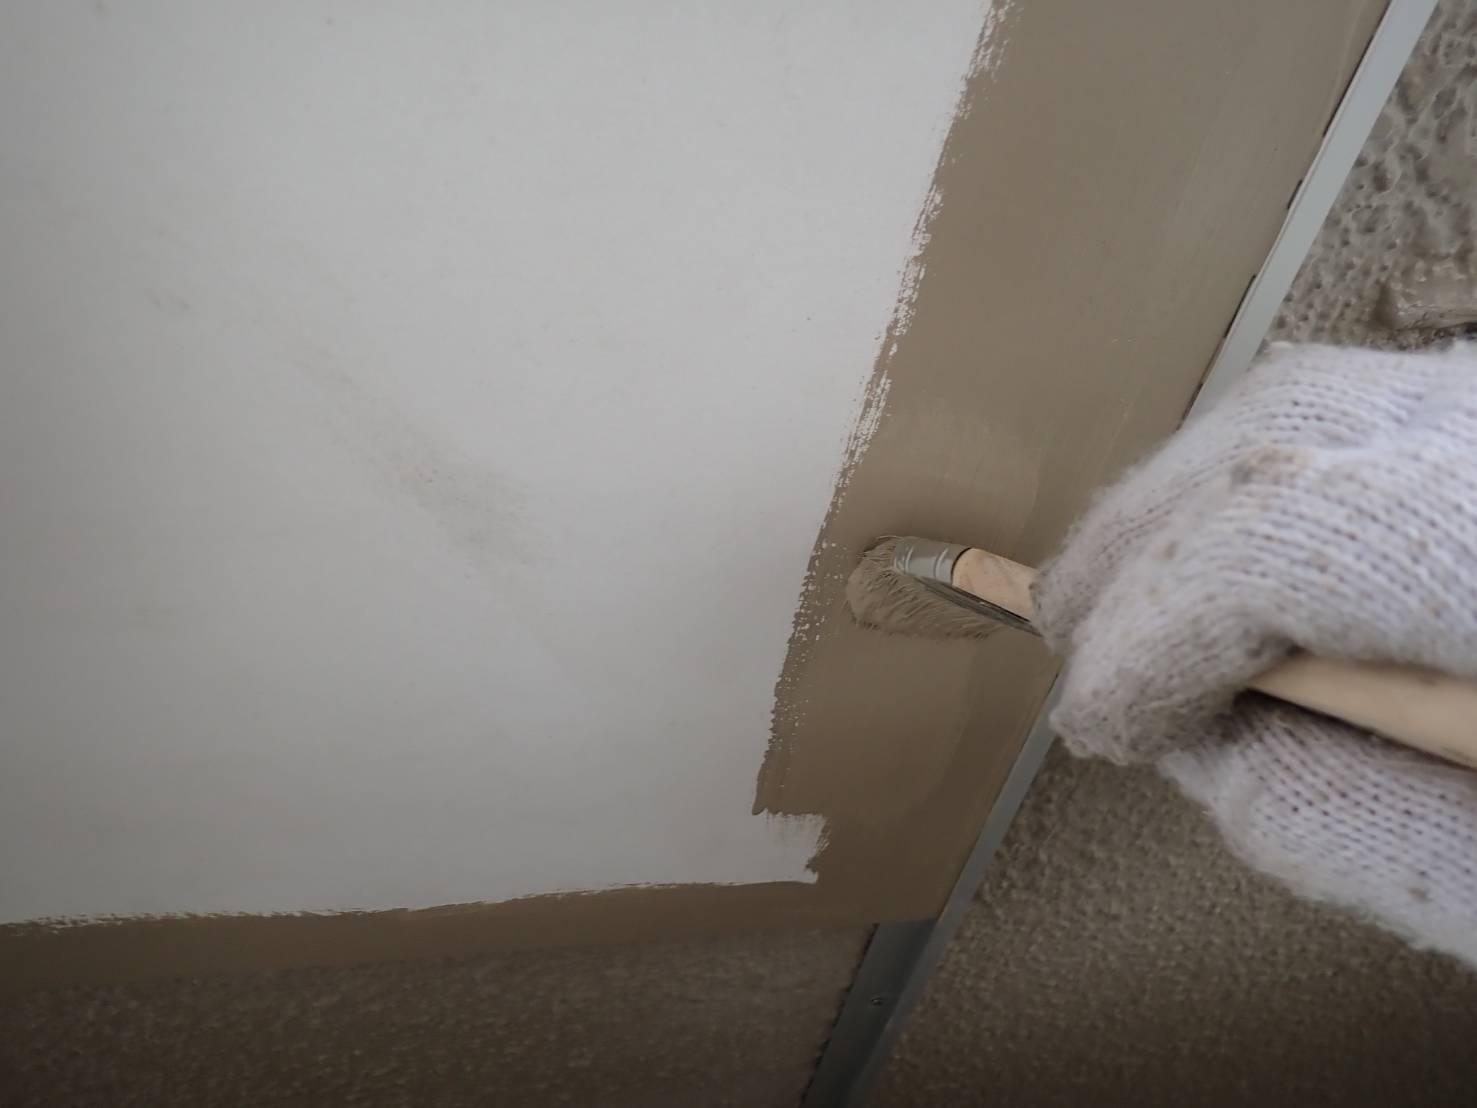 点検口はそのままだと目立つので、外壁と同じ色で塗装しました。